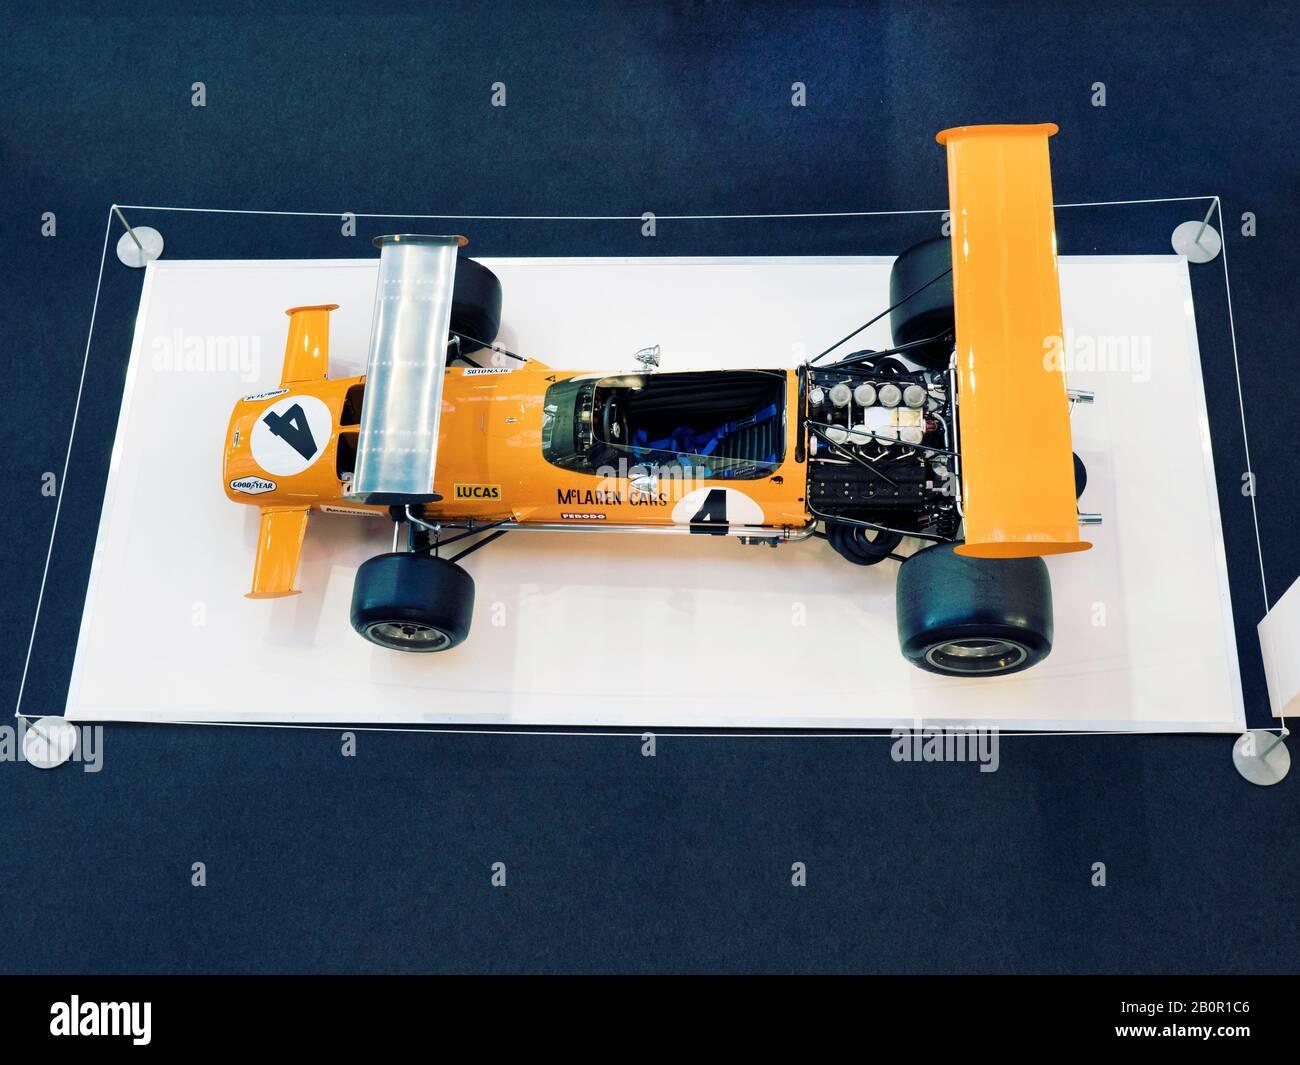 Hommage à Bruce McLaren lors Du London Classic car Show à Olympia London UK 20/02/2020 Banque D'Images